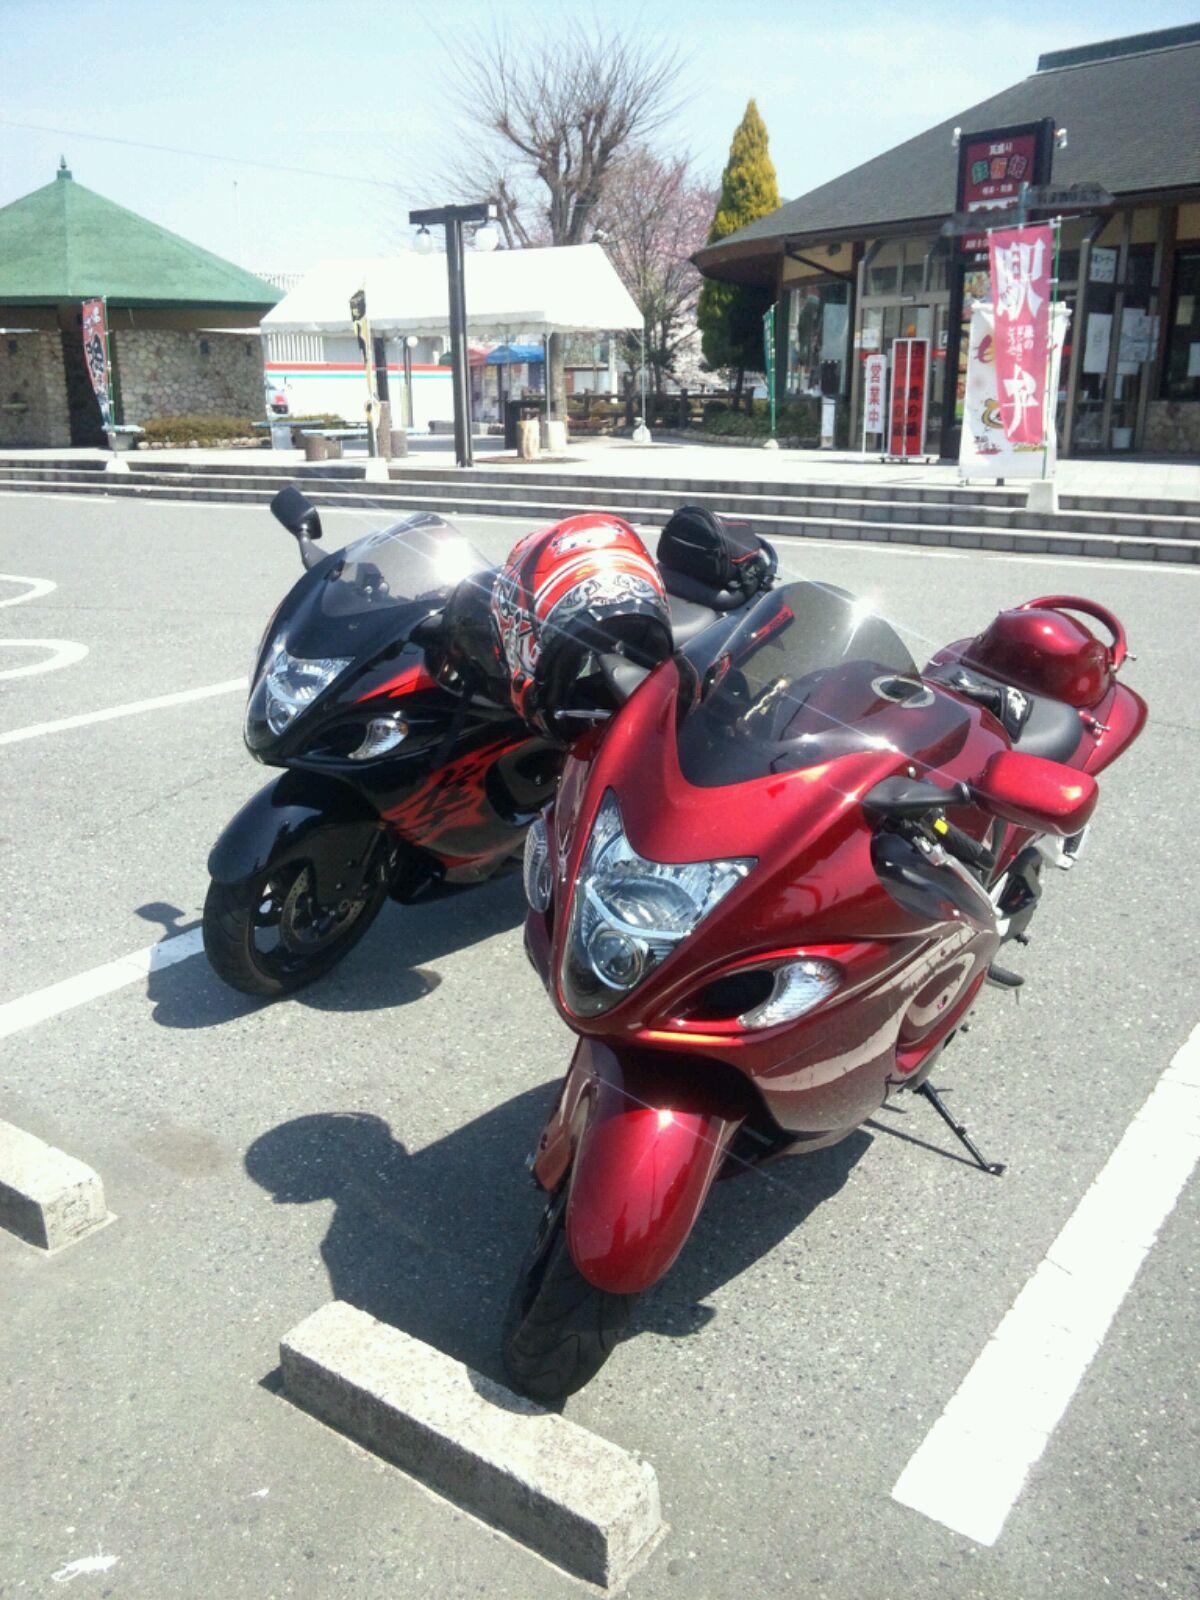 聖地巡礼の旅~鳥取県八頭町 「隼駅」